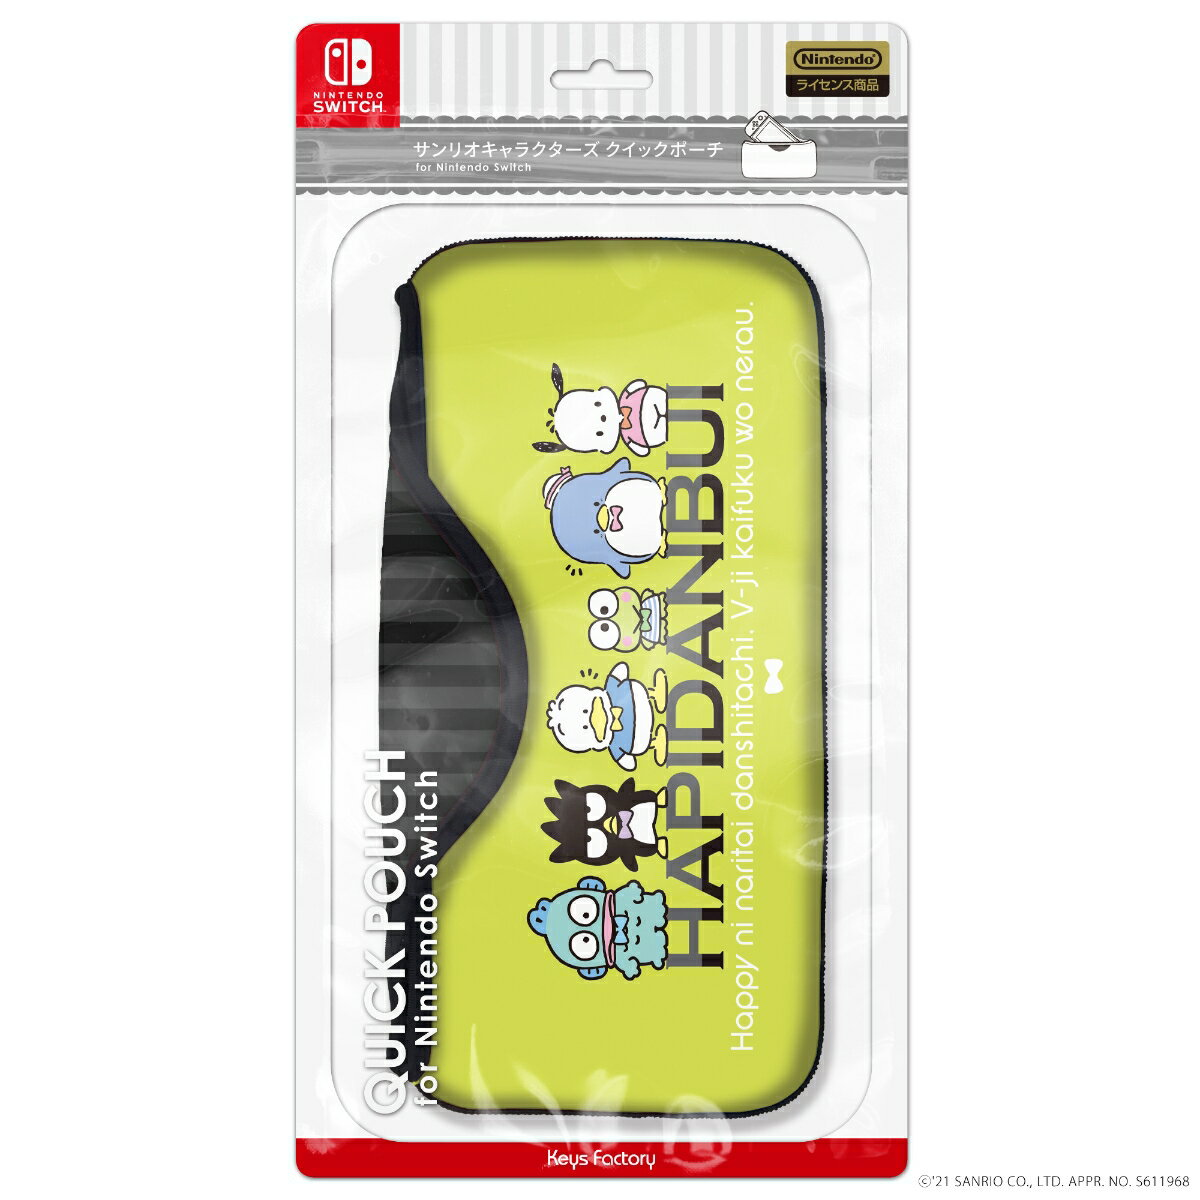 サンリオキャラクターズ クイックポーチfor Nintendo Switch はぴだんぶい